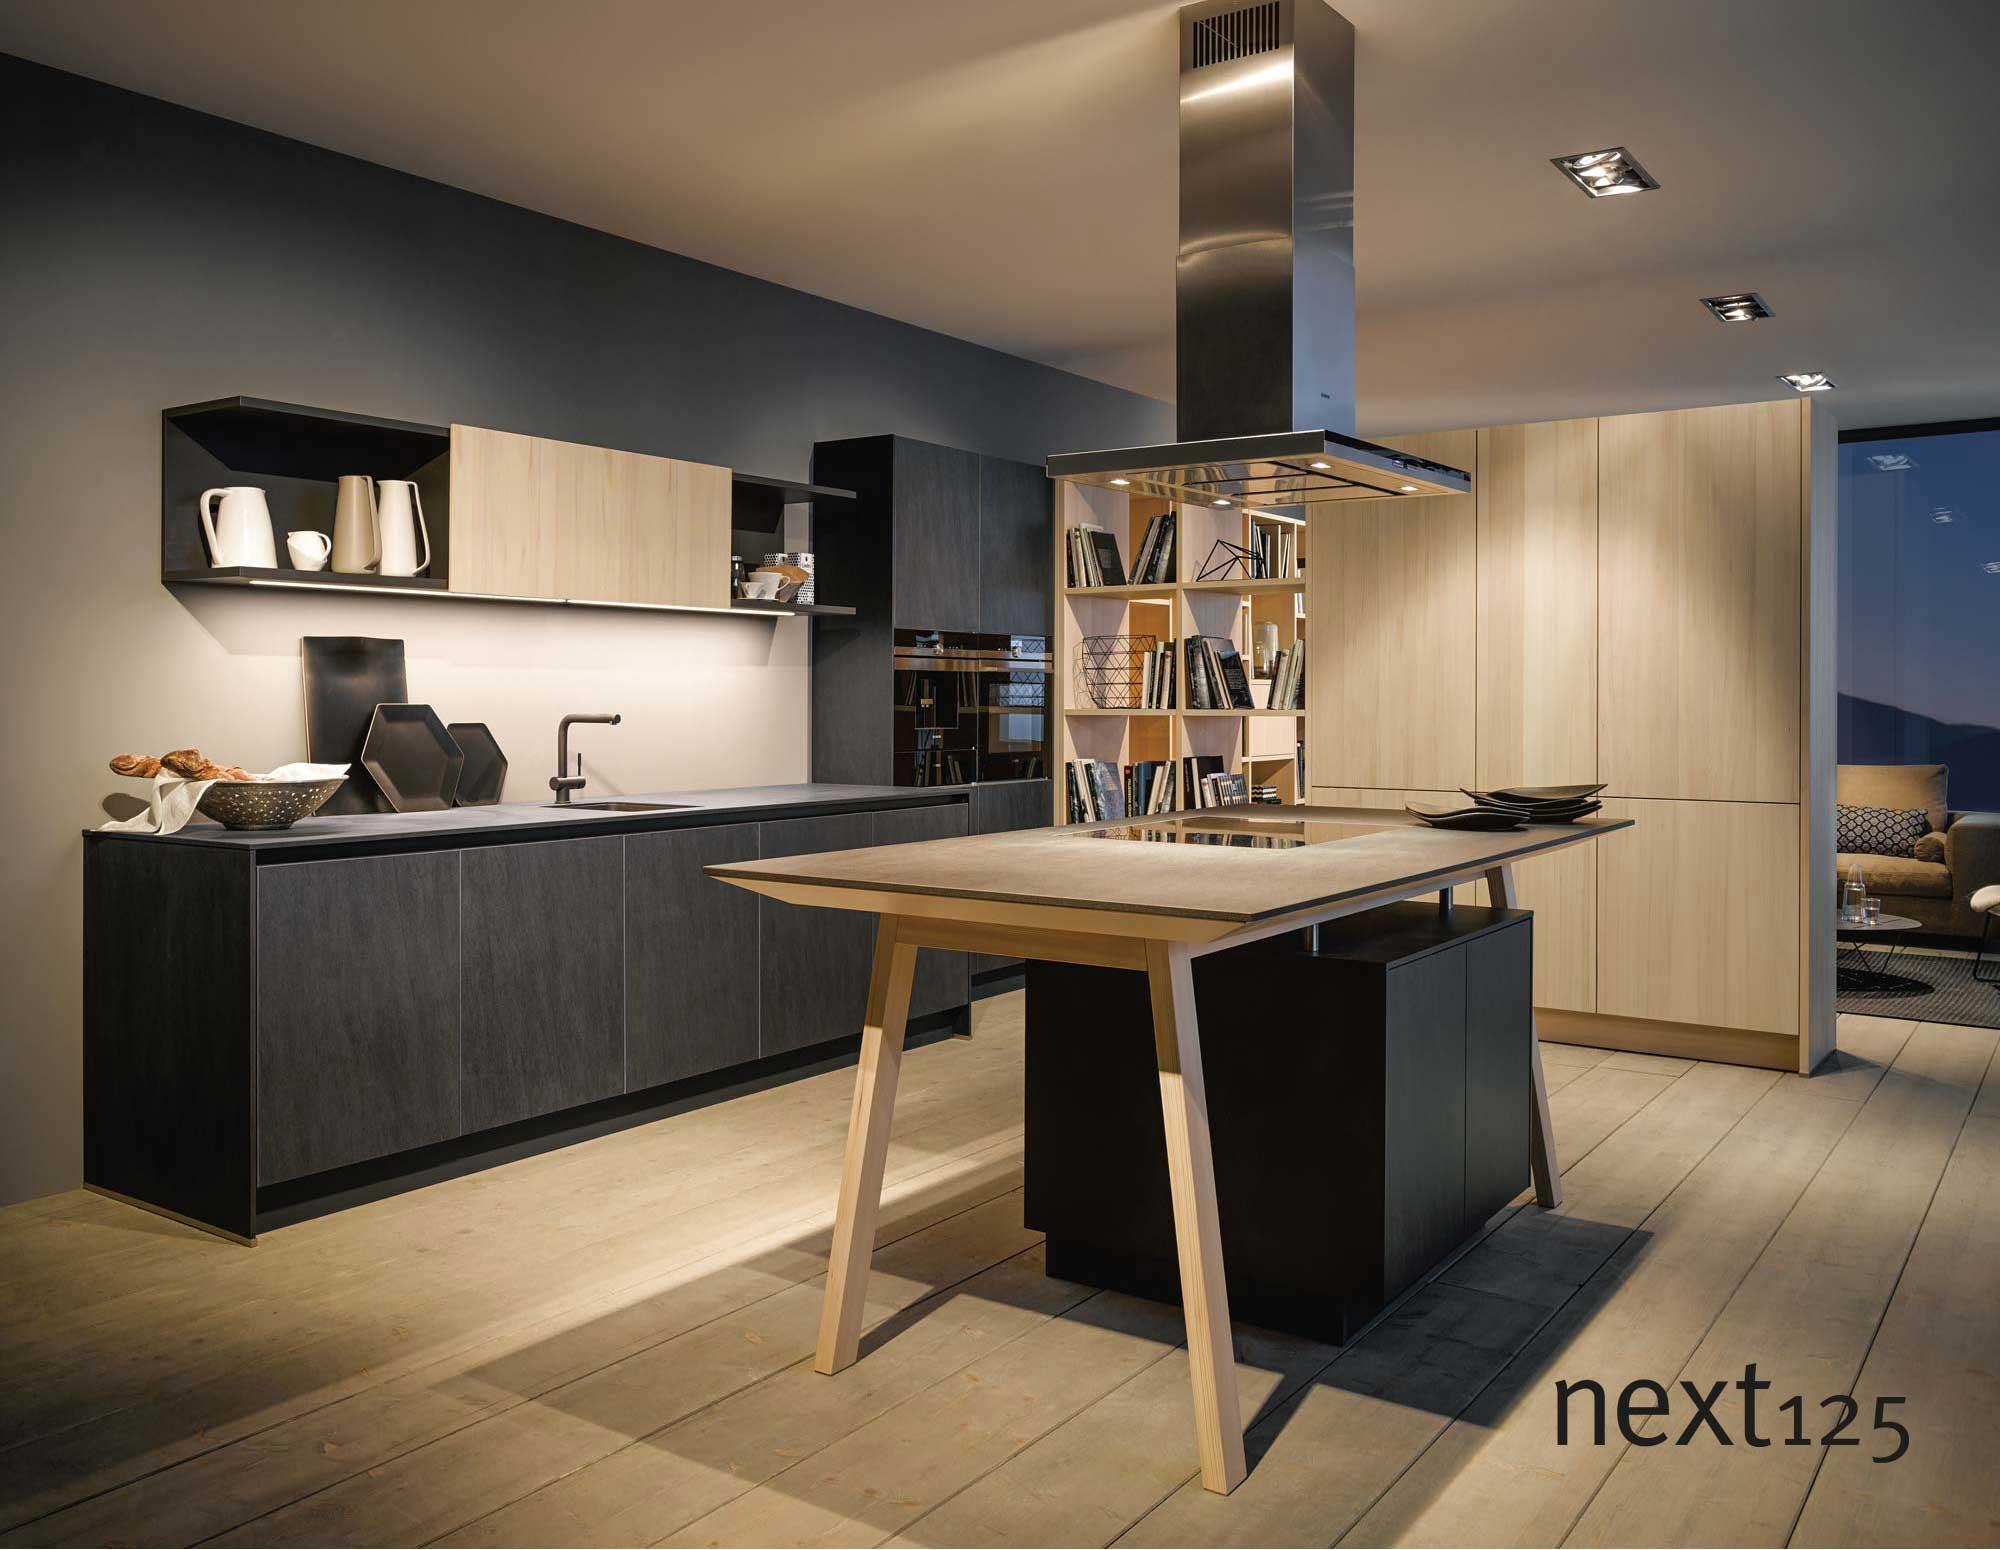 next125 Küche Keramik-Front nx950 in grafit